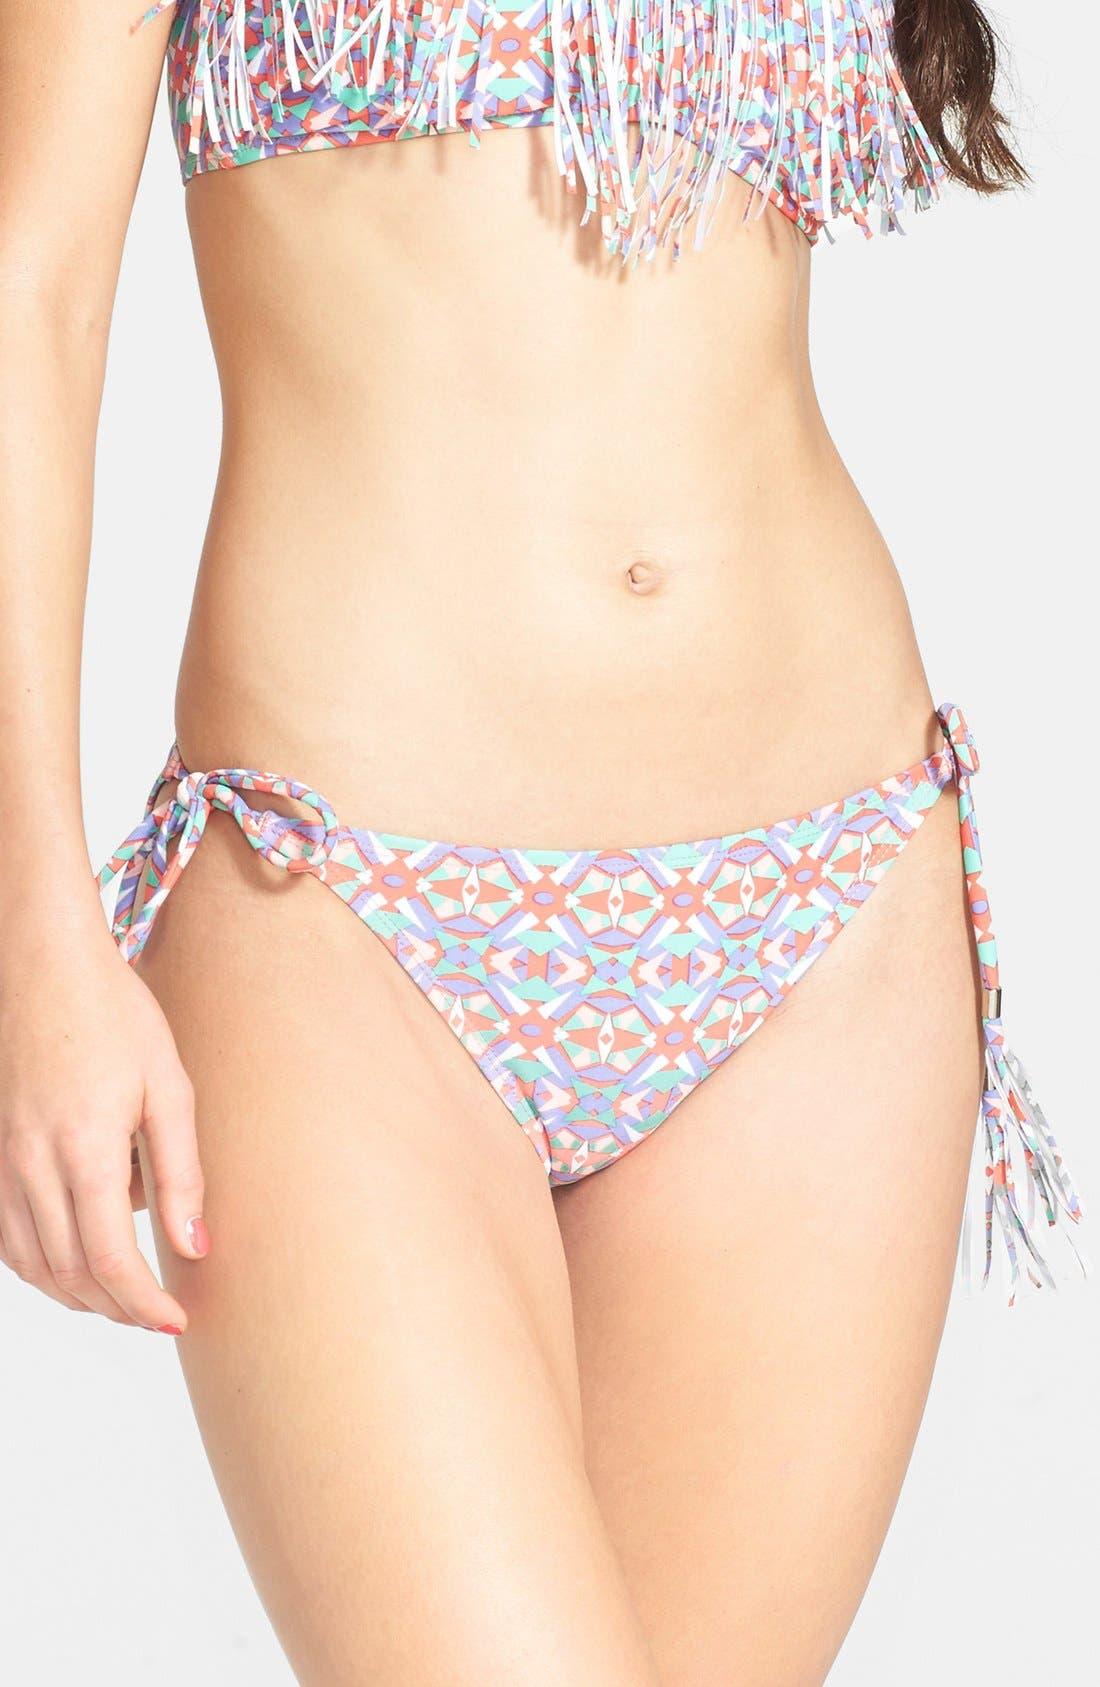 Alternate Image 1 Selected - BP. Undercover Tassel String Bikini Bottoms (Juniors)